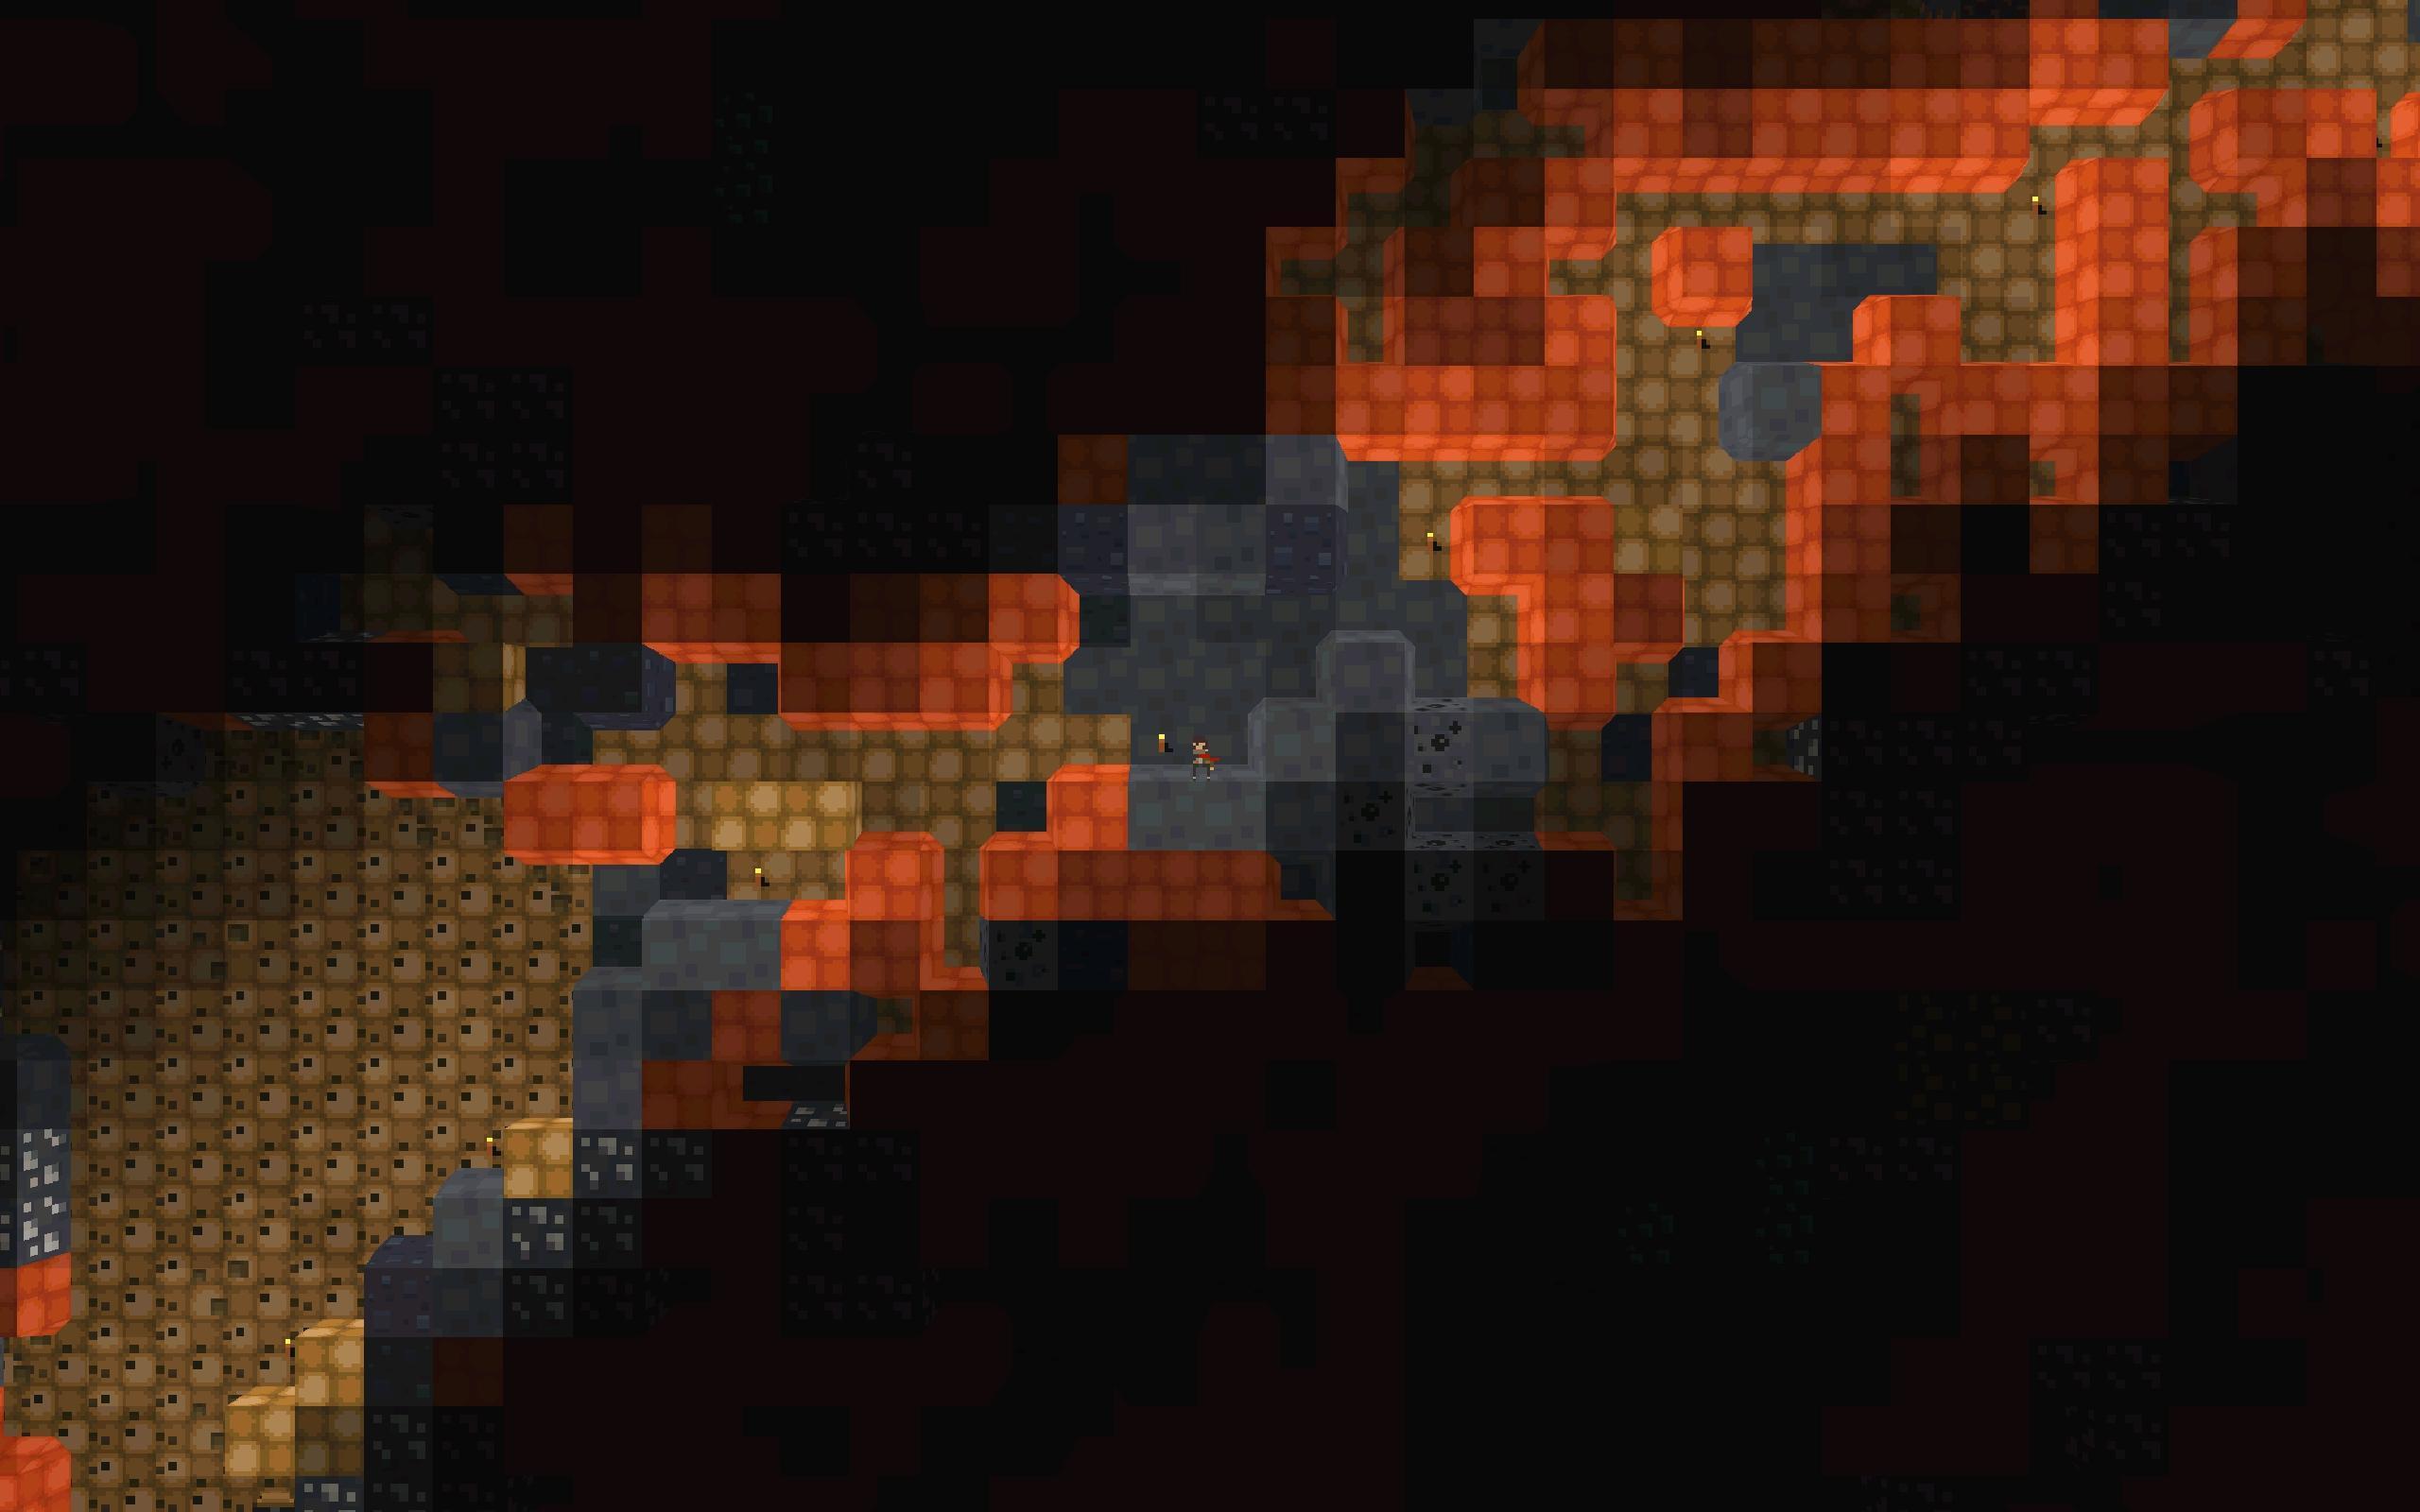 LostMiner Block Building & Craft Game v1.4.2a Screenshot 9